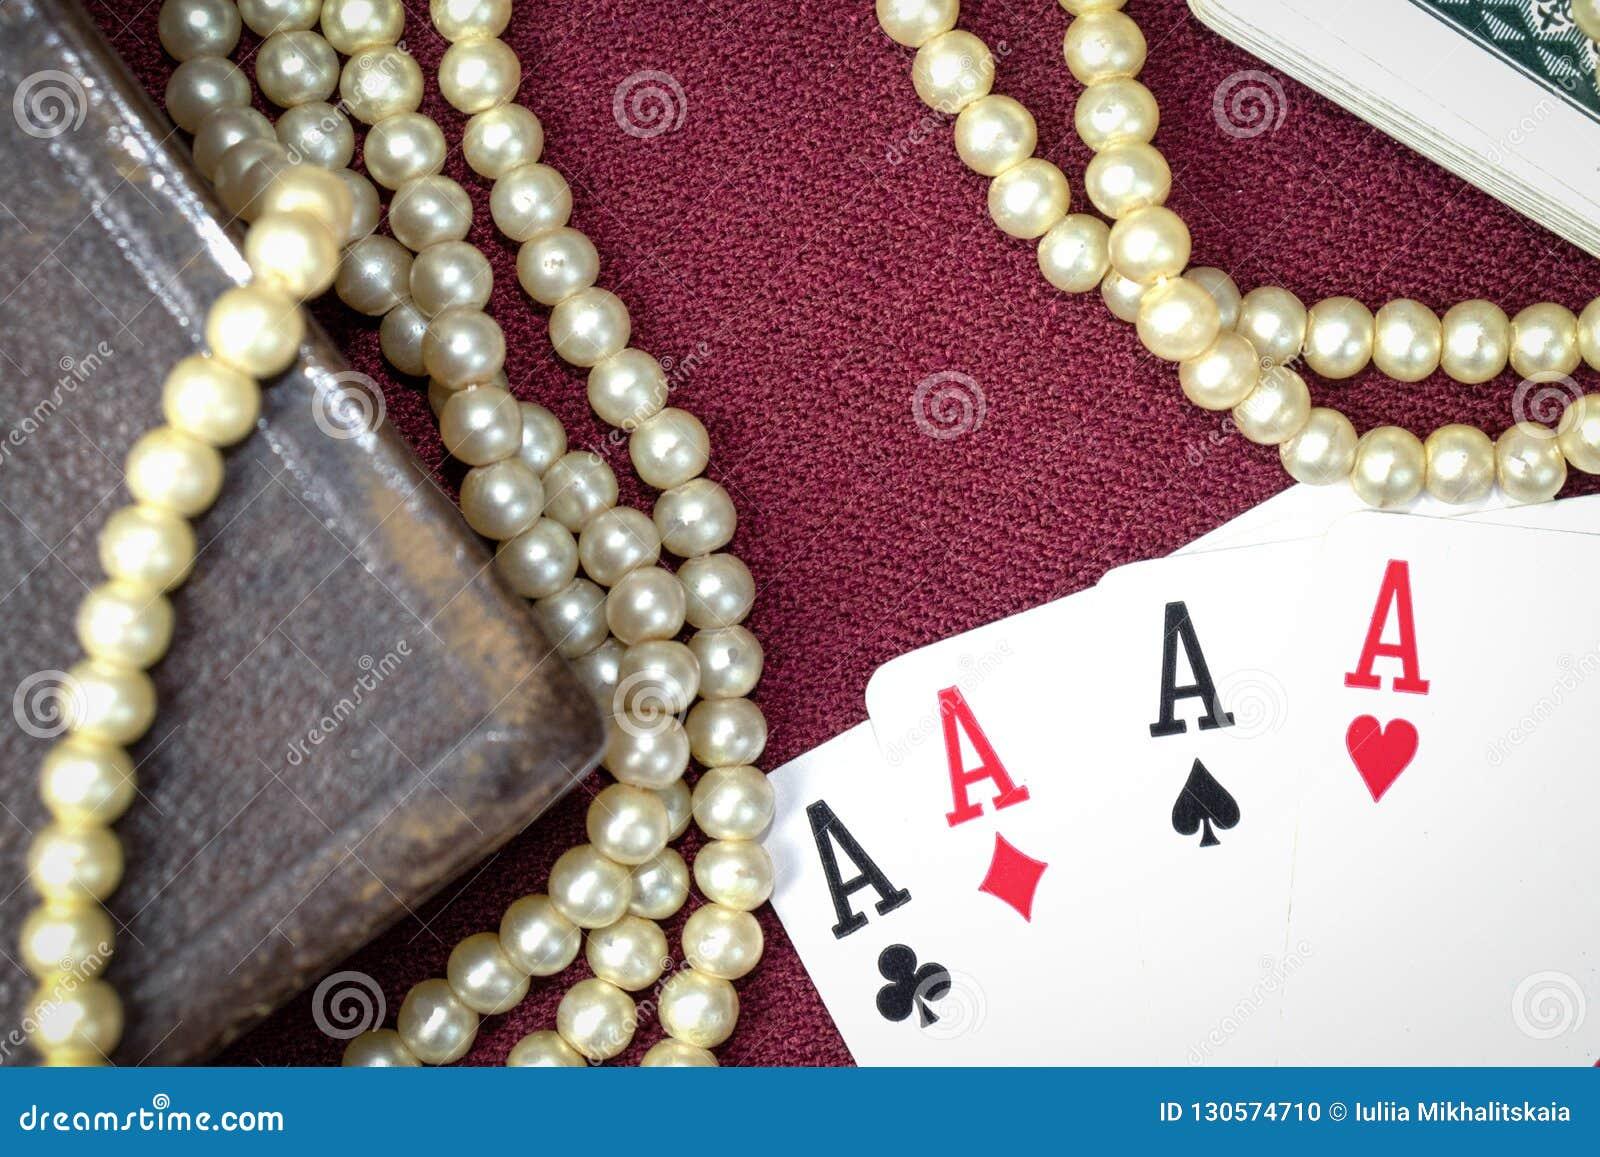 Sagrada Biblia y tarjetas viejas en la tabla de madera Misticism y adivinación, concepto futuro de la predicción